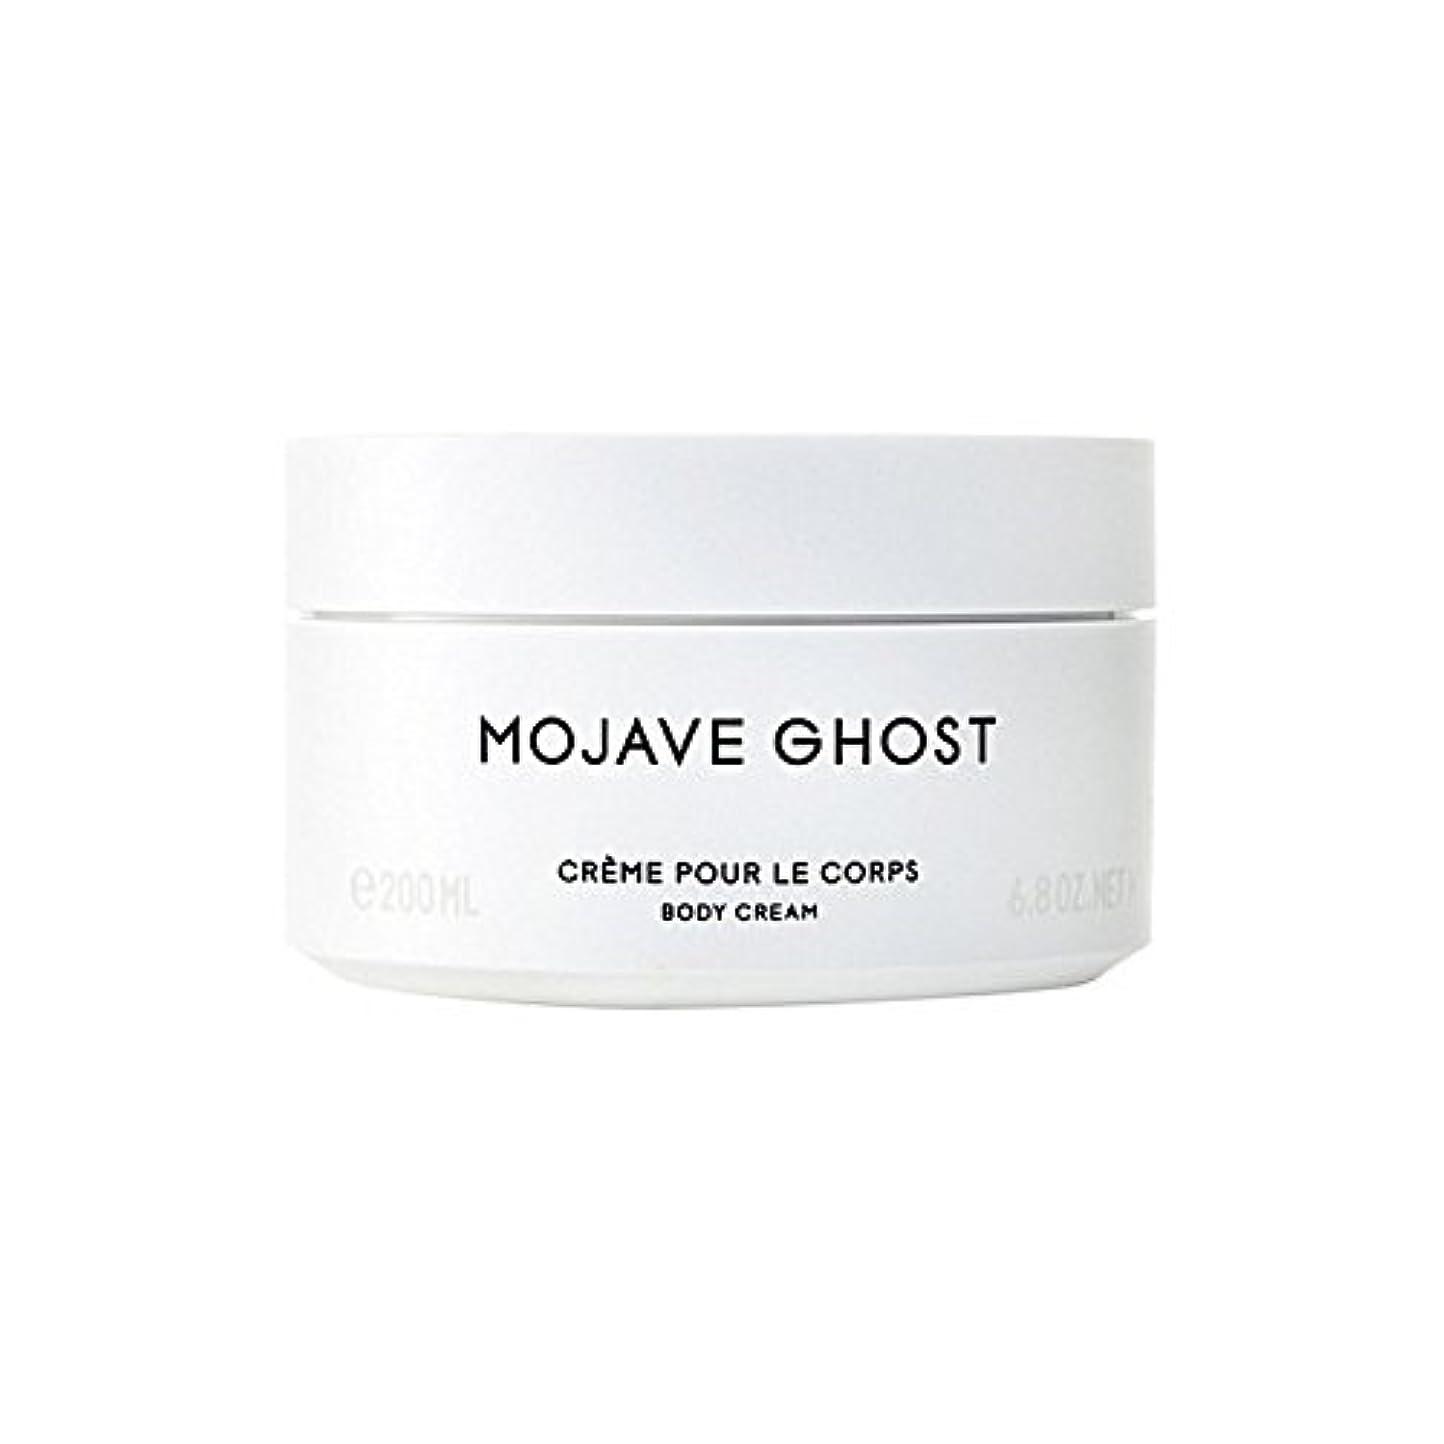 社会主義者雲主人モハーベゴーストボディクリーム200ミリリットル x4 - Byredo Mojave Ghost Body Cream 200ml (Pack of 4) [並行輸入品]